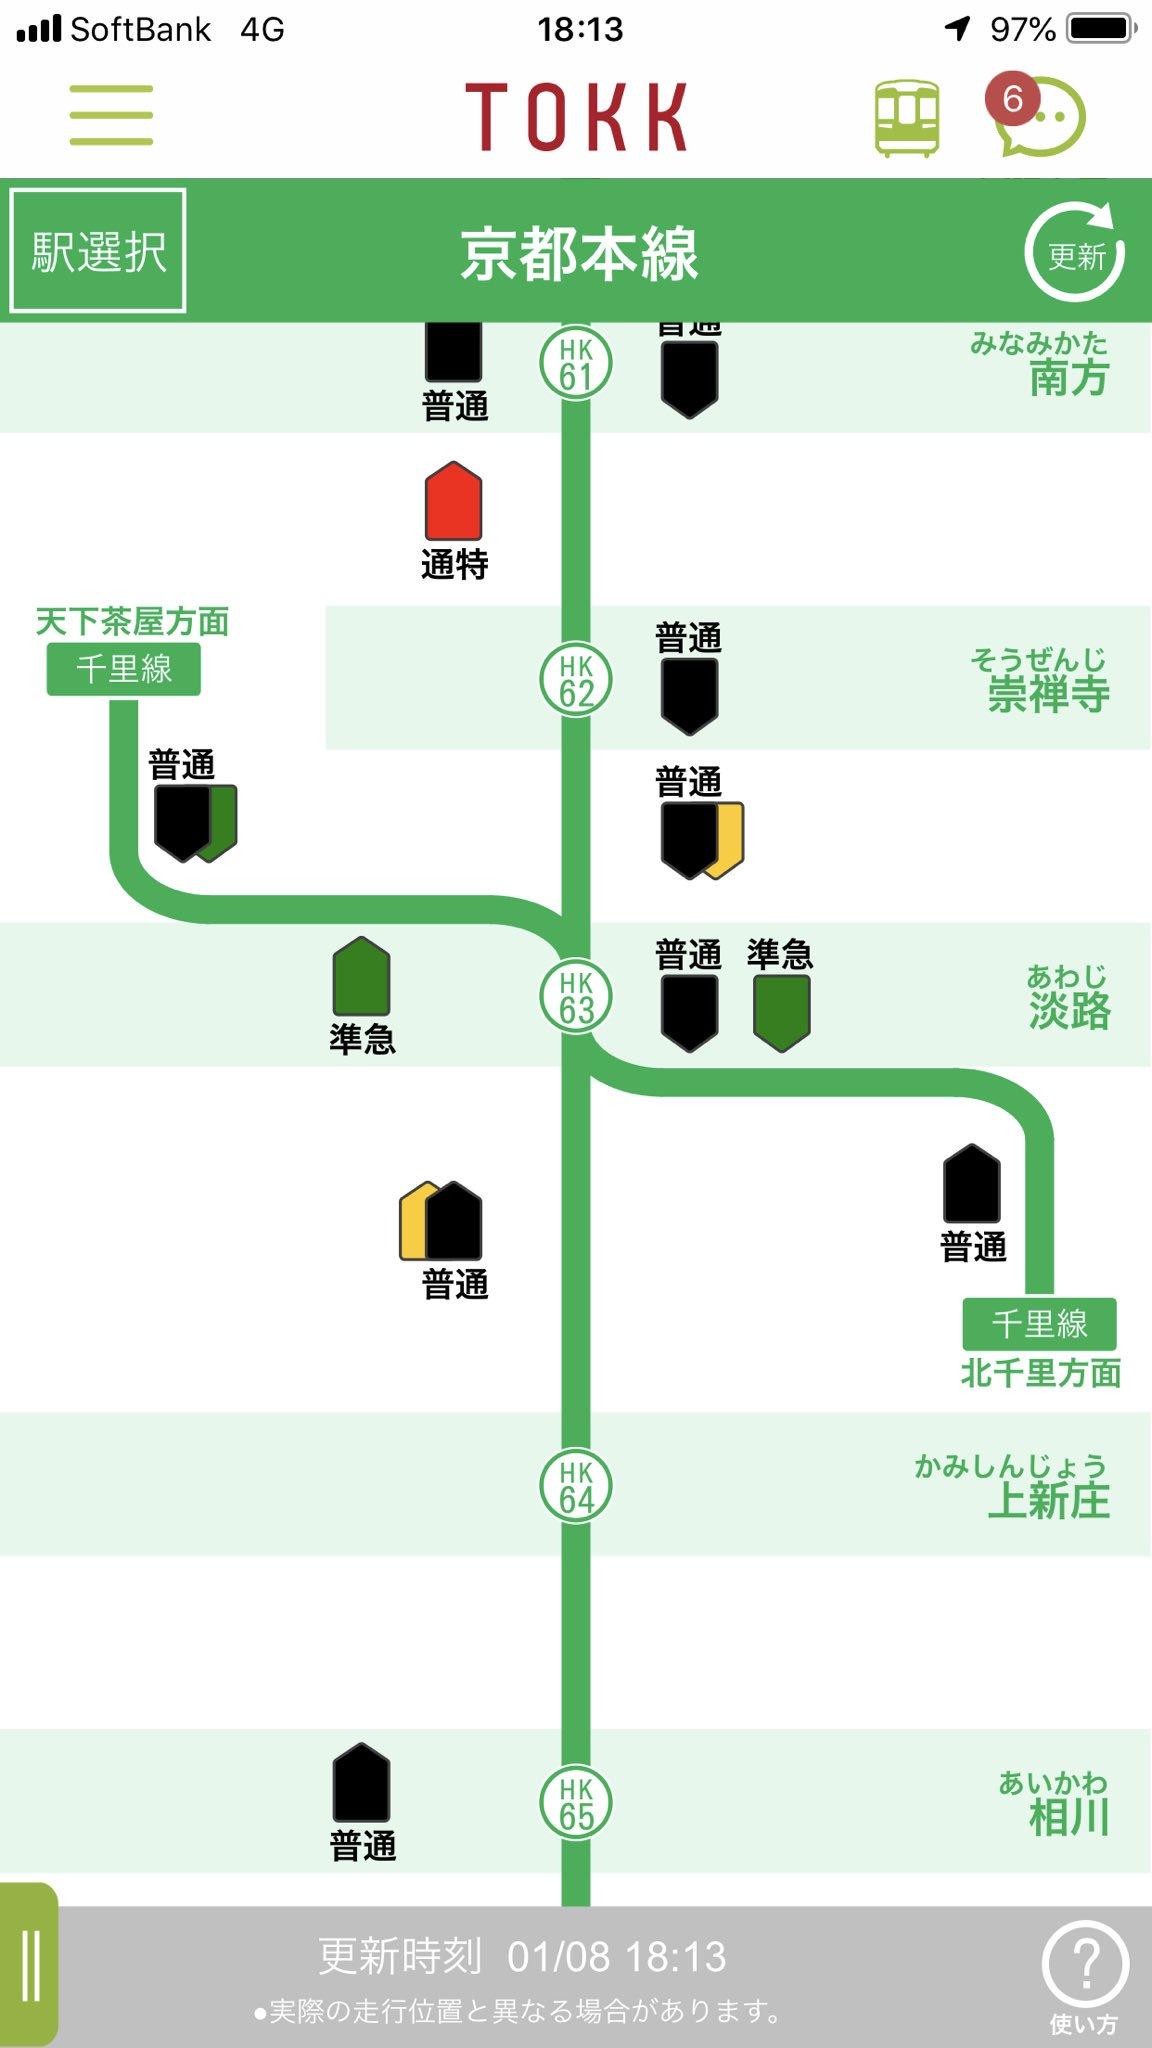 画像,阪急京都線、またダメやとぉ(^_^;)淡路でポイント故障(^_^;)堺筋線も含めて、全線ストップ(^_^;)淡路のあたりに電車たまりまくり(^_^;)こりゃダメ…